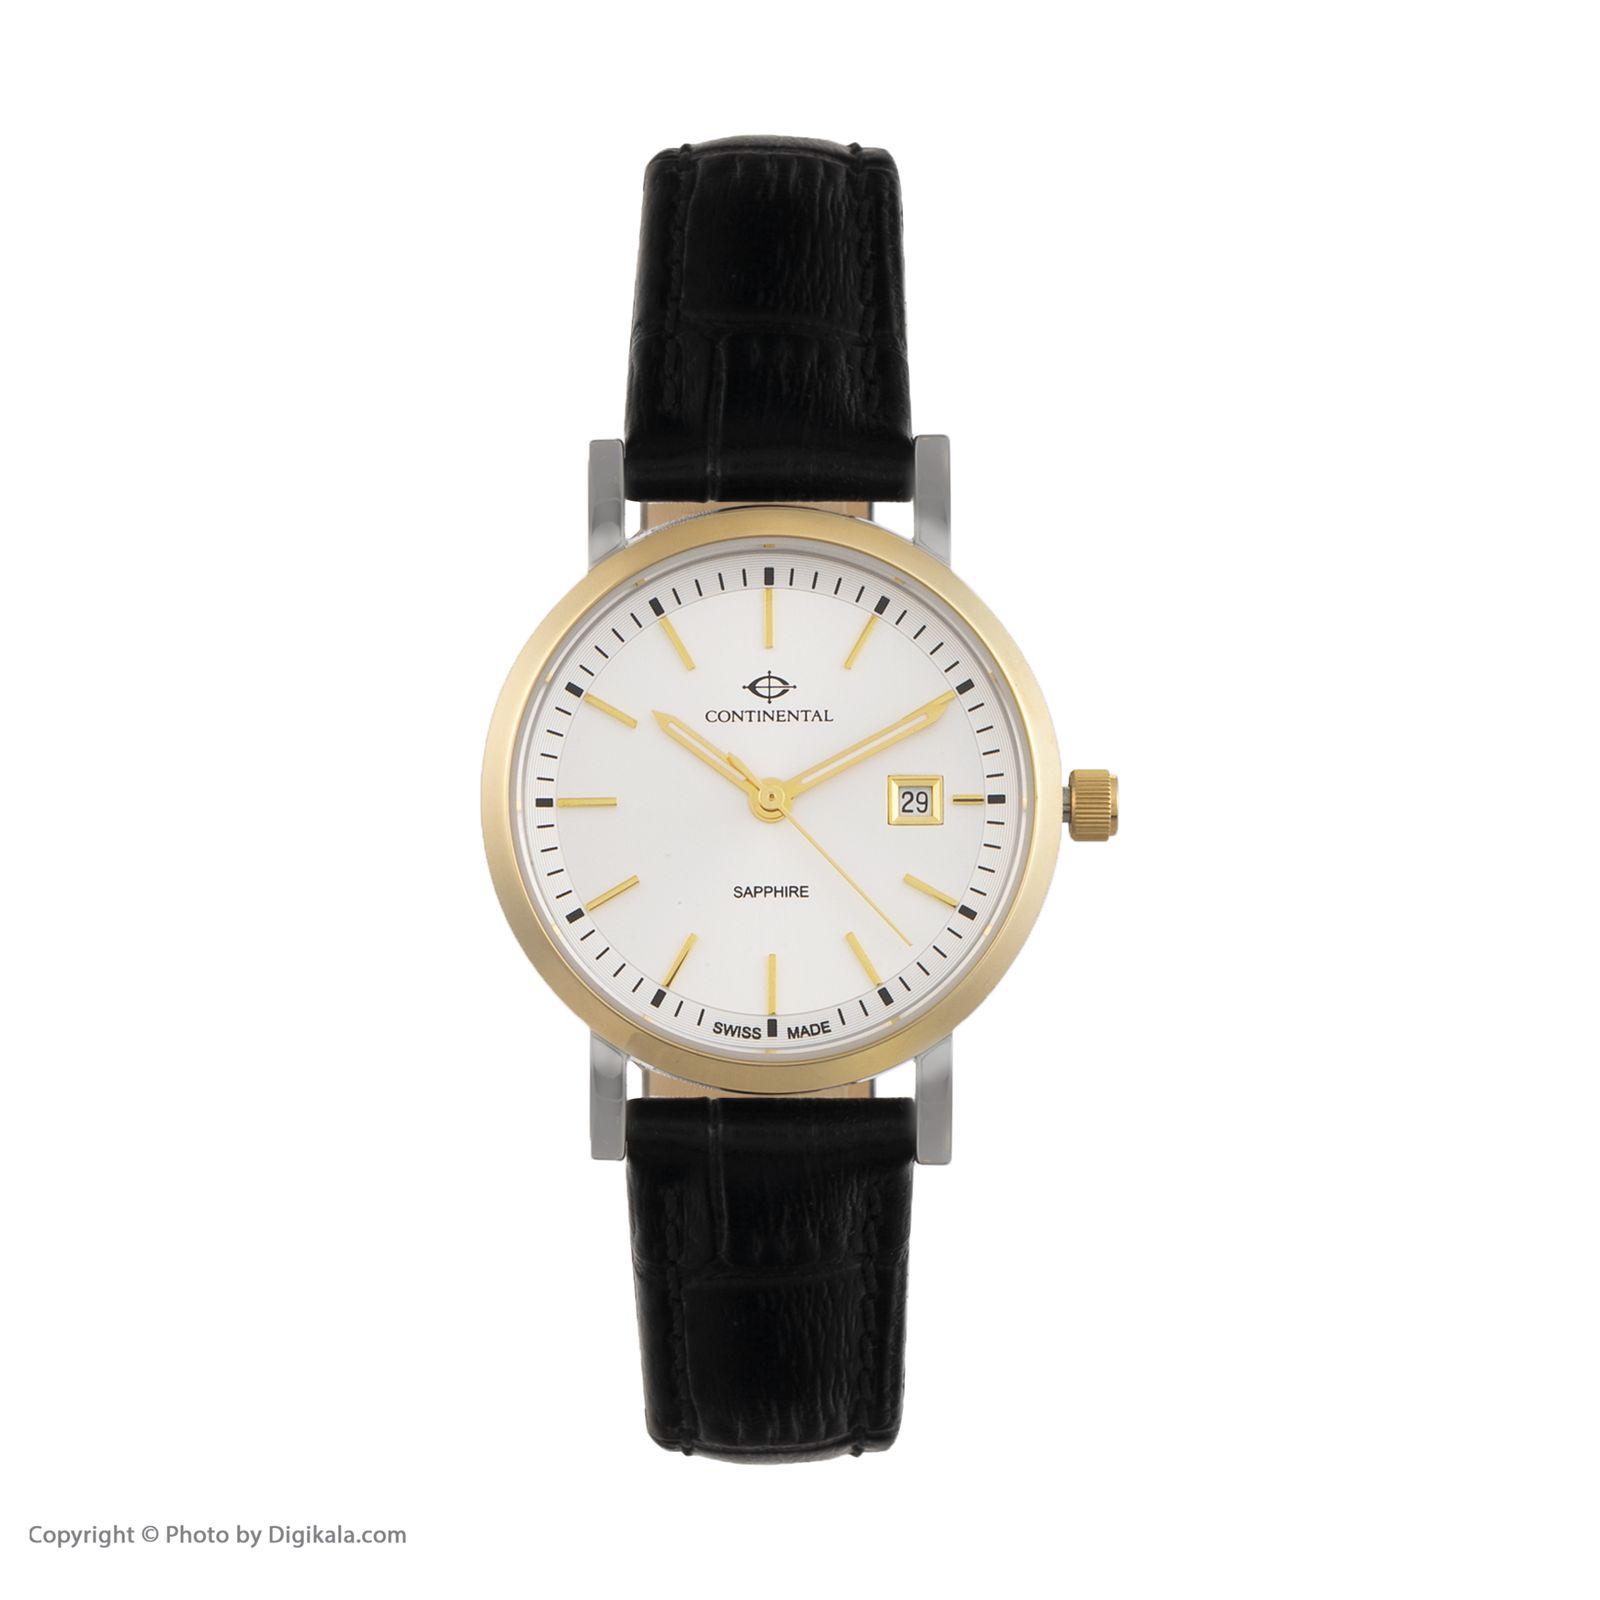 ساعت مچی عقربه ای زنانه کنتیننتال مدل 19101-LD354130 -  - 1